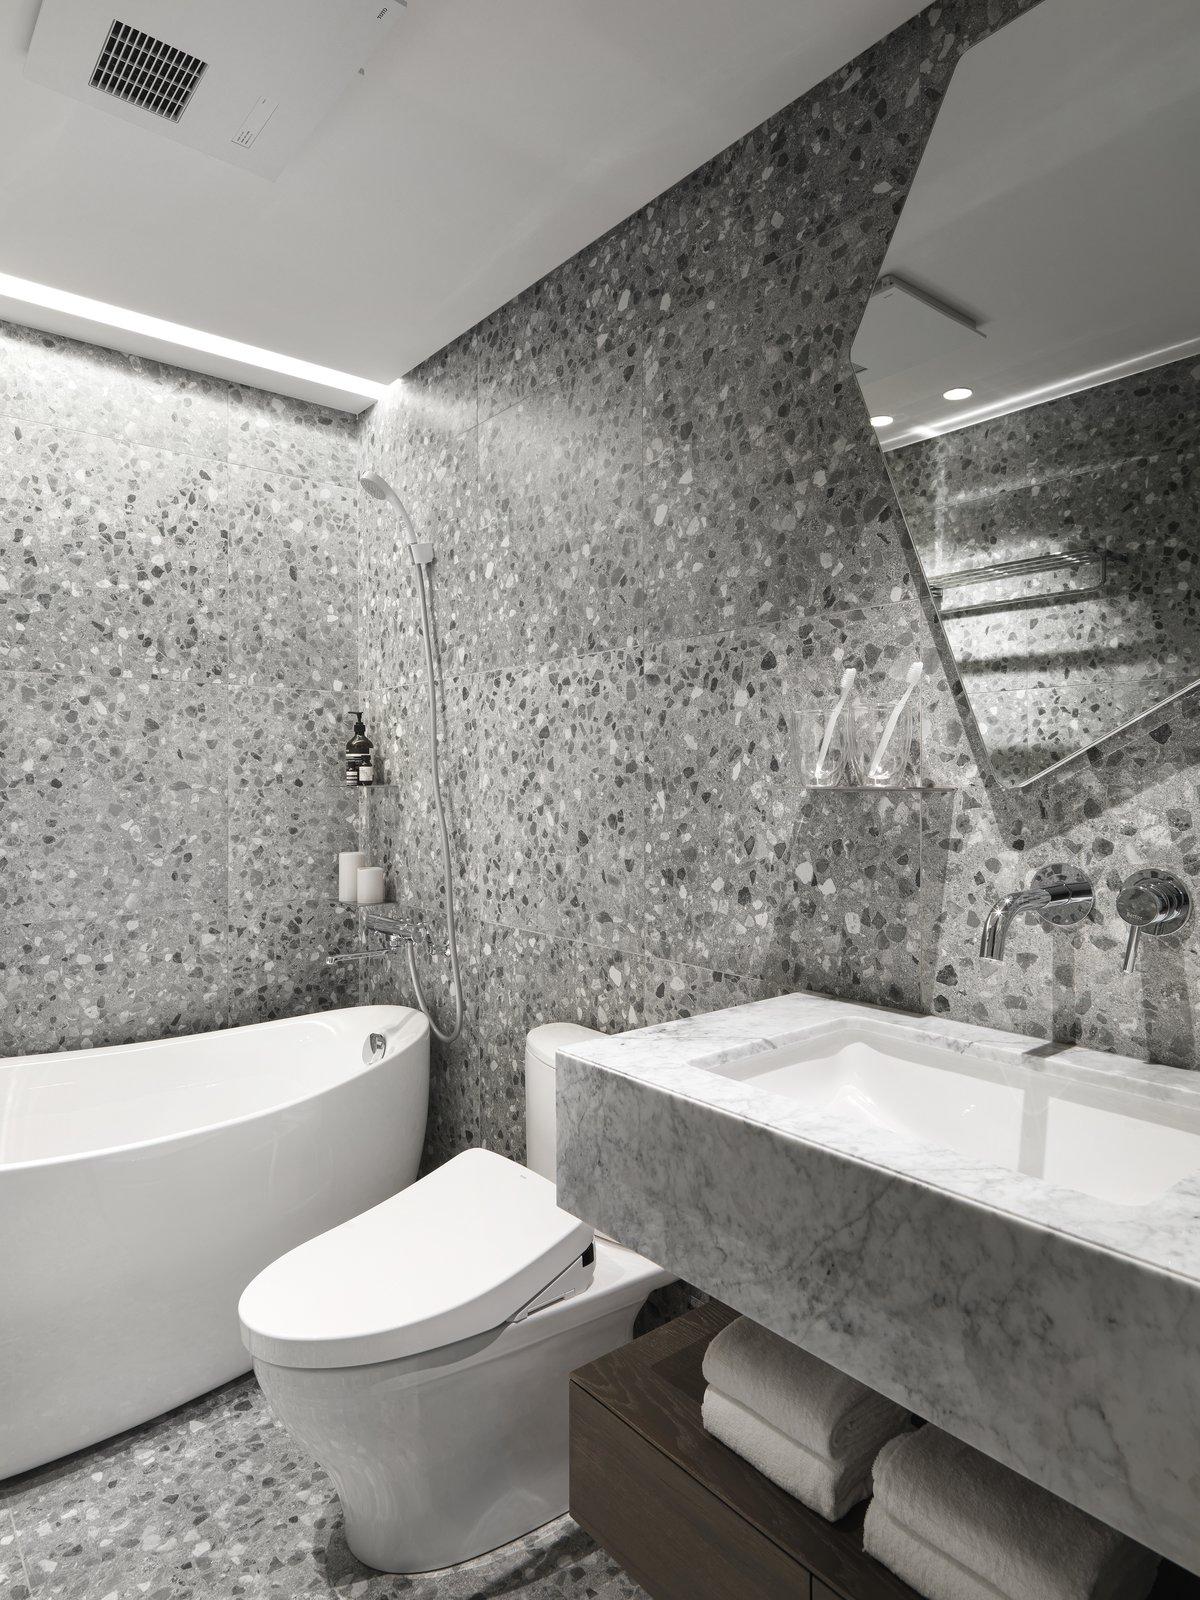 带有浴室,金属柜台,赤陶瓷砖地板,石材柜台,落地式浴缸,一件式卫生间,开放式淋浴,天花板照明,石材瓷砖墙面,瓷砖柜台和落水槽的现代住宅。 日常生活的隐形秩序照片8